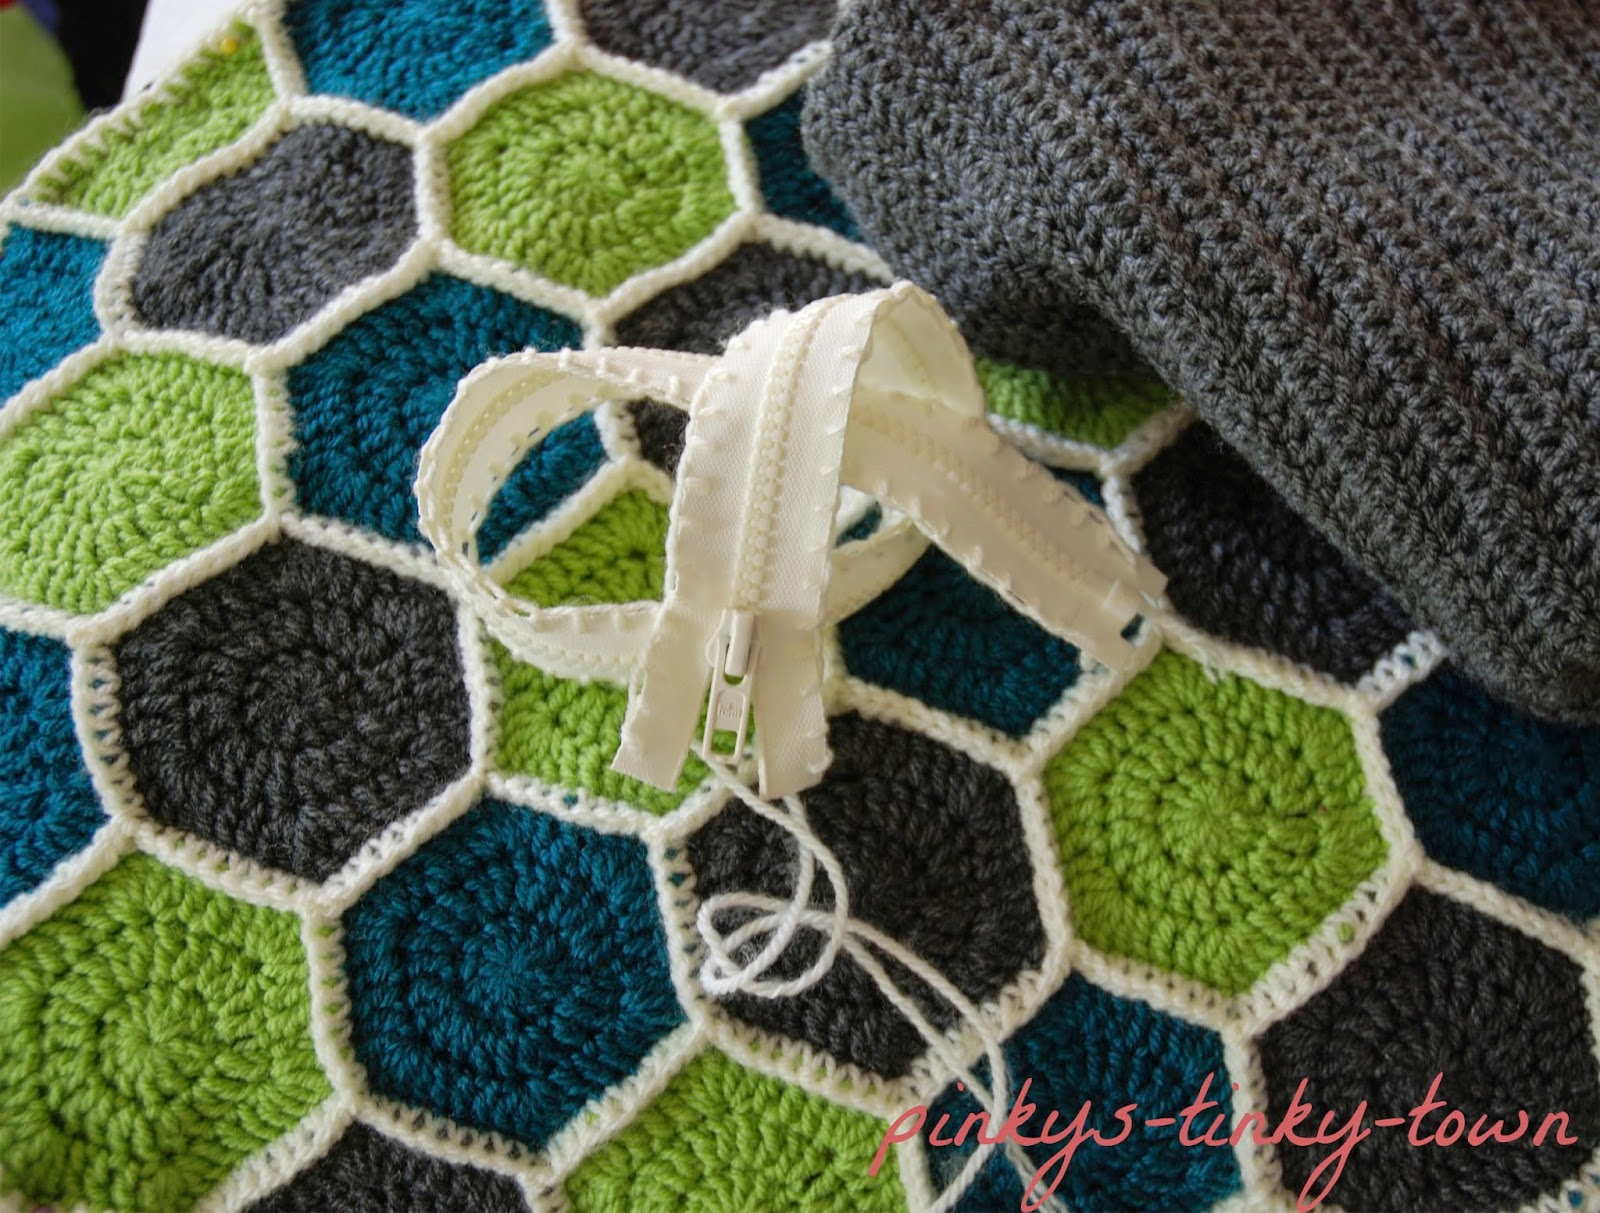 Pinkys Tinky Town Crochet Kissenbezug Aus Sechsecken